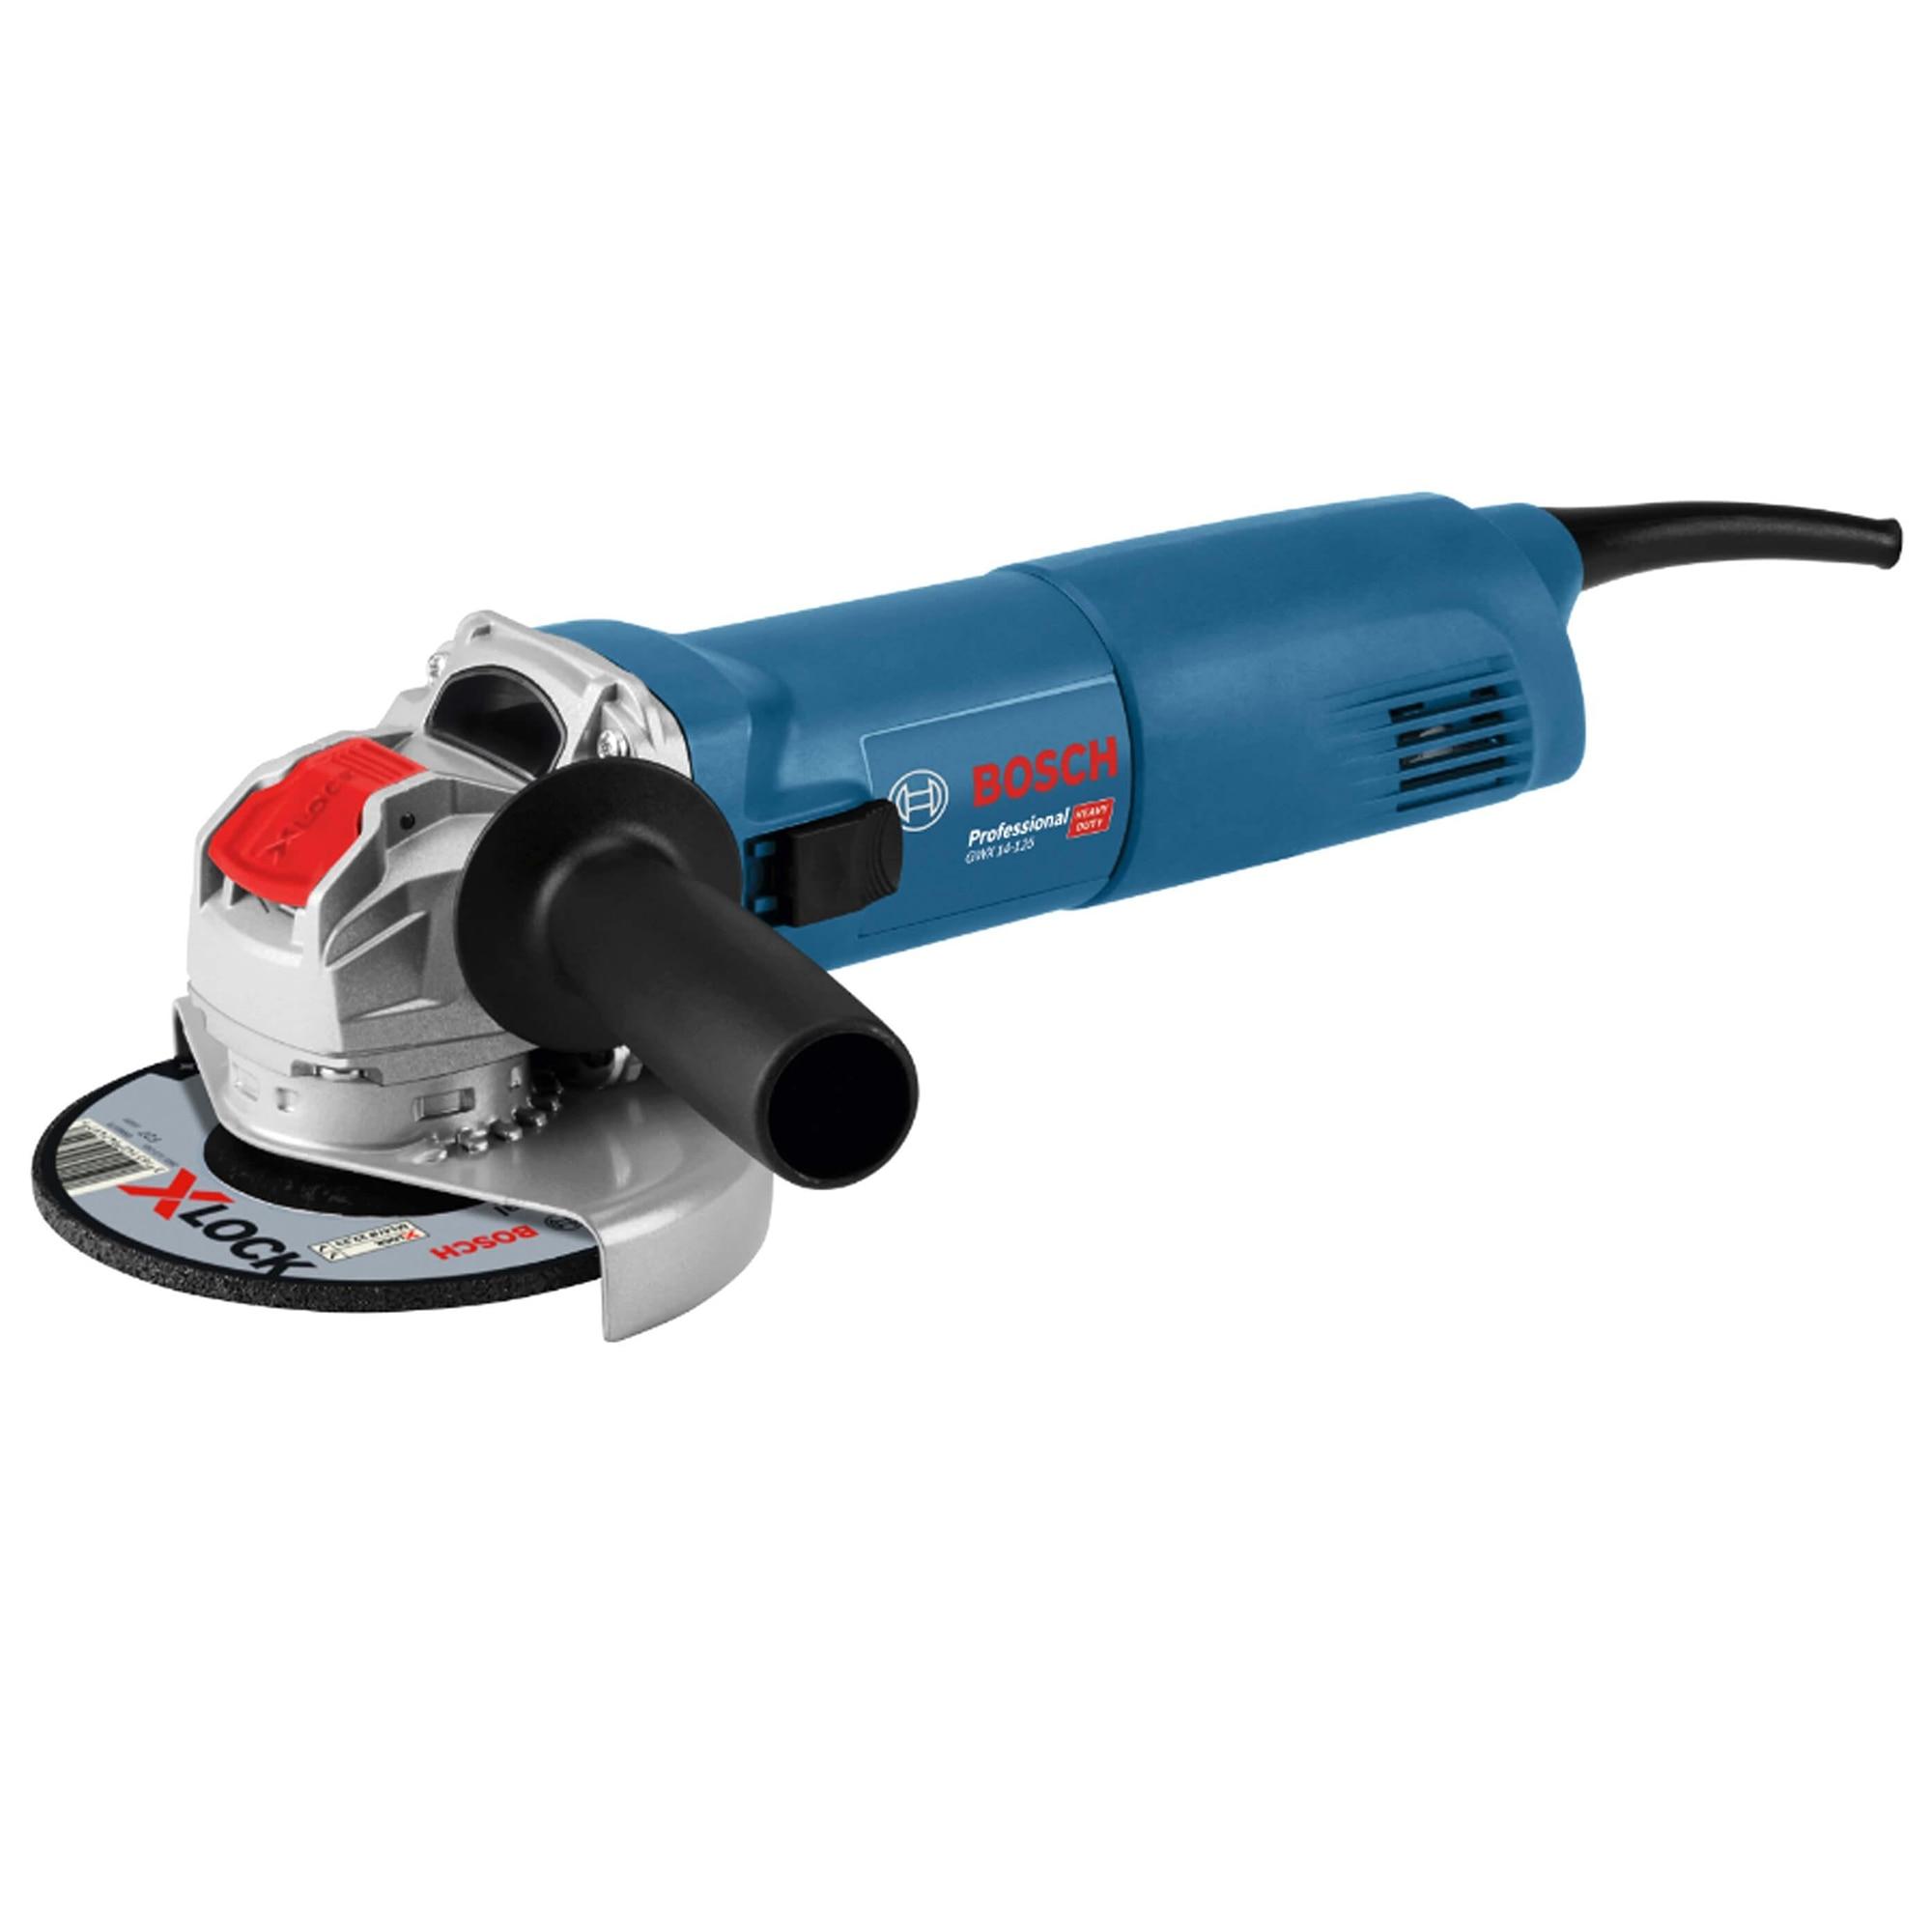 Fotografie Polizor unghiular Bosch Professional X-Lock GWX 14-125, 1400 W, 11.000 RPM, 125 mm diametru disc + cutie + maner auxiliar + aparatoare de protectie